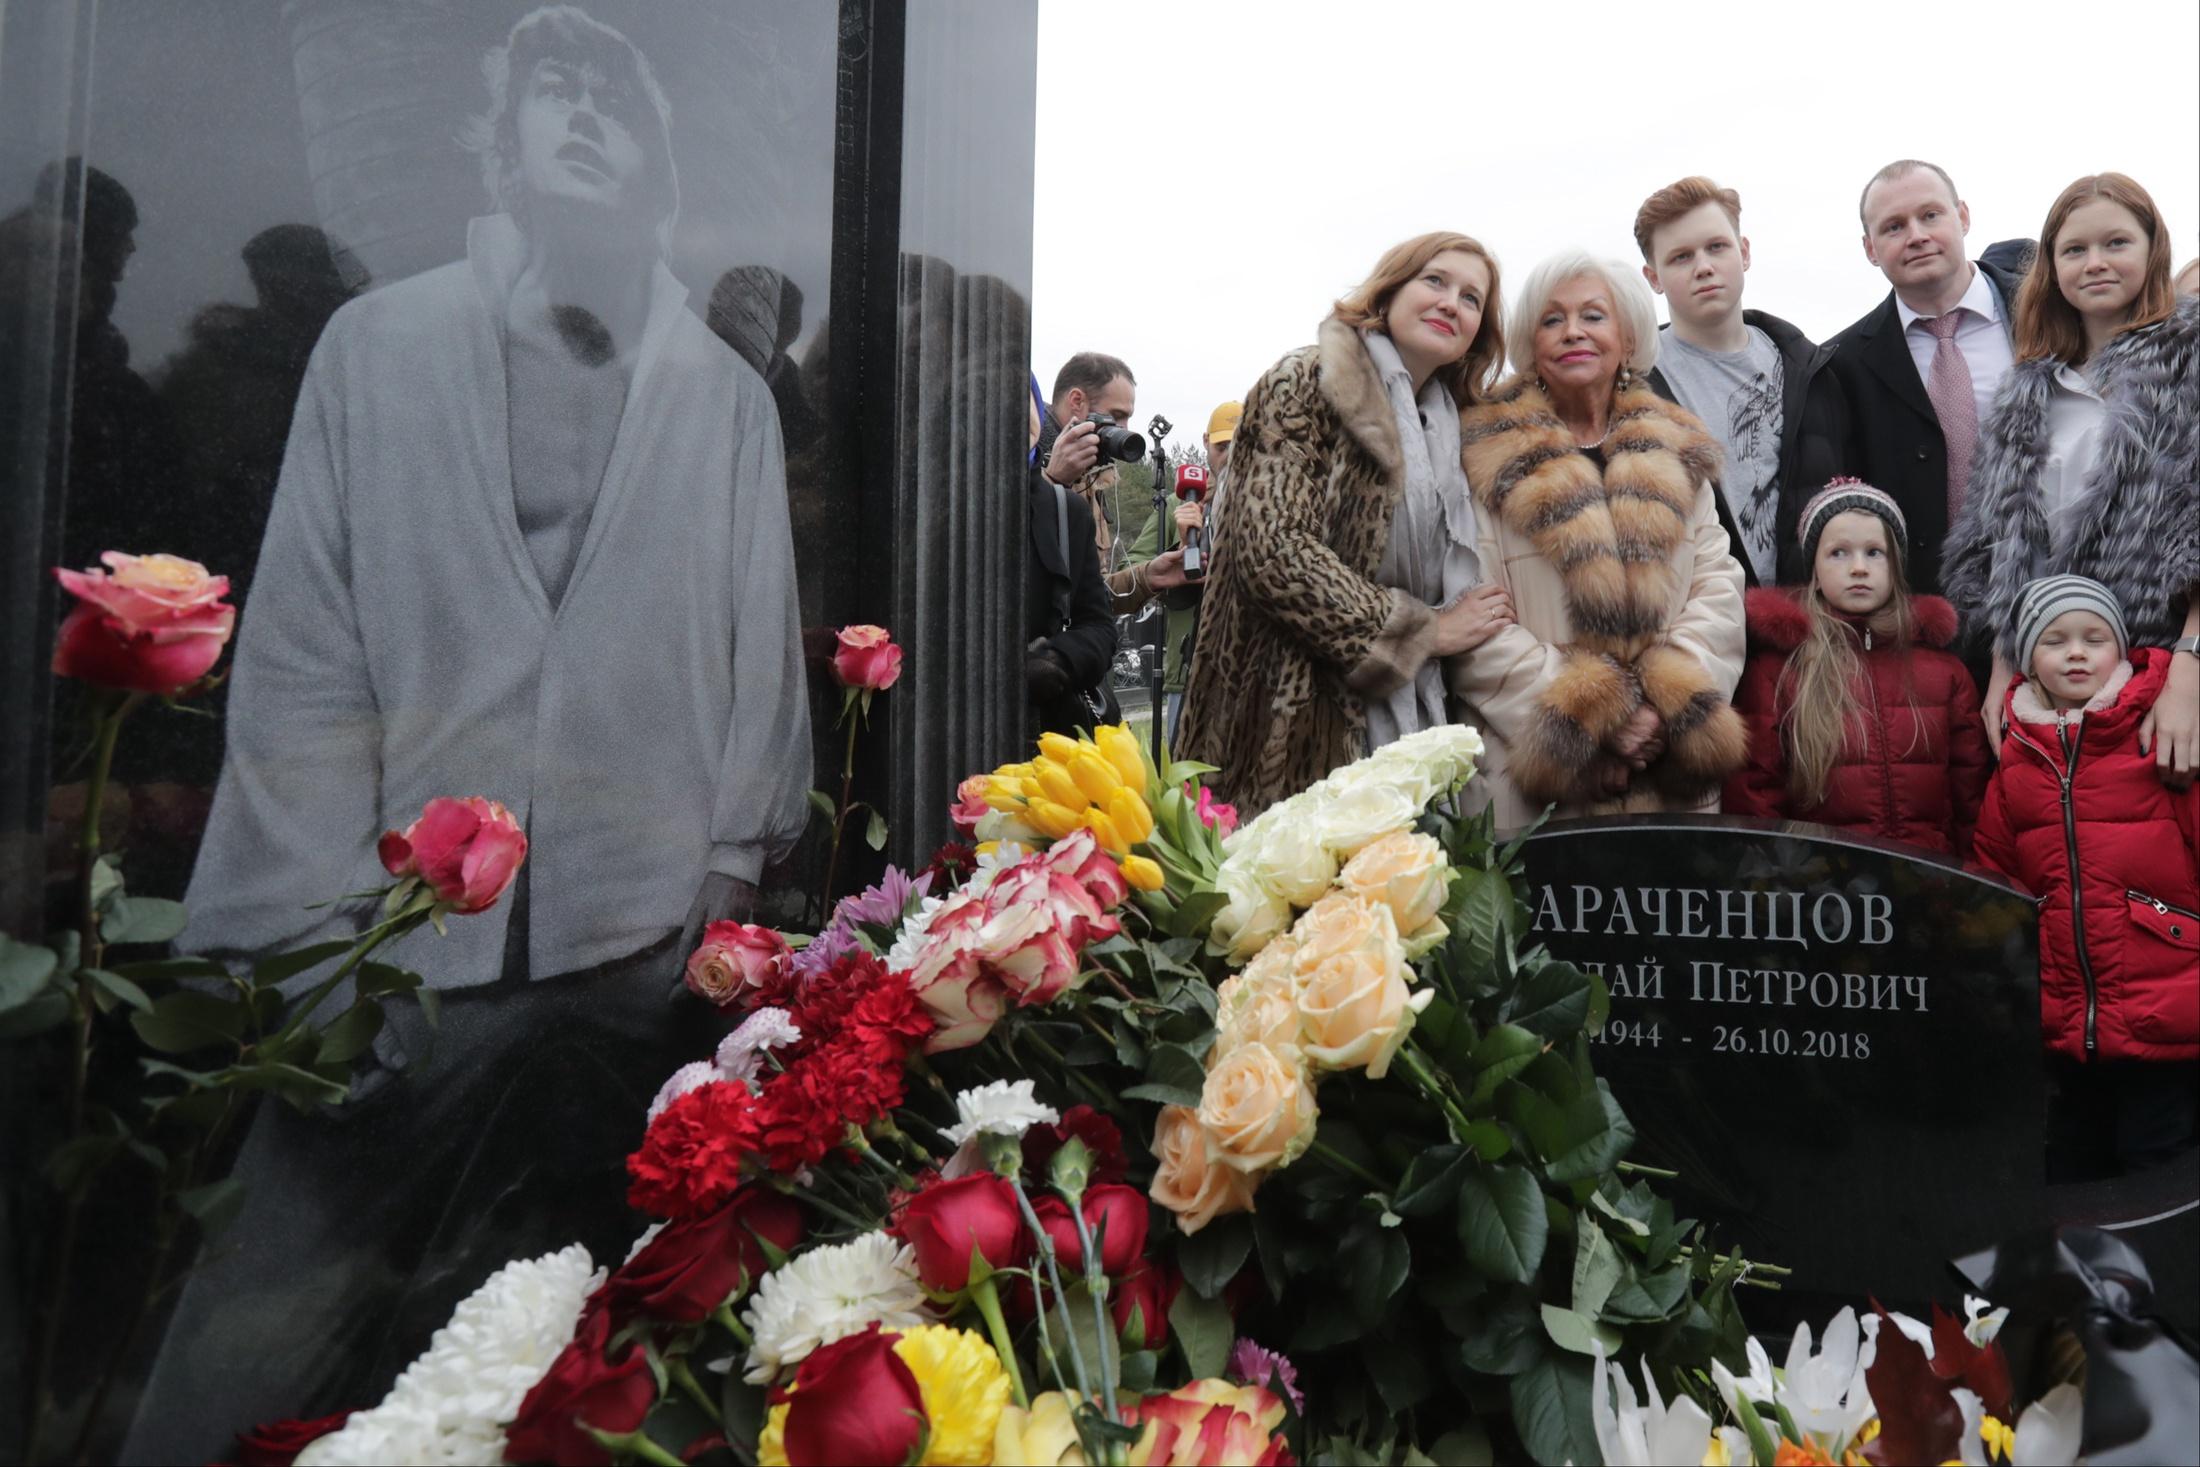 В день 75-летия Николая Караченцова ему открыли памятник